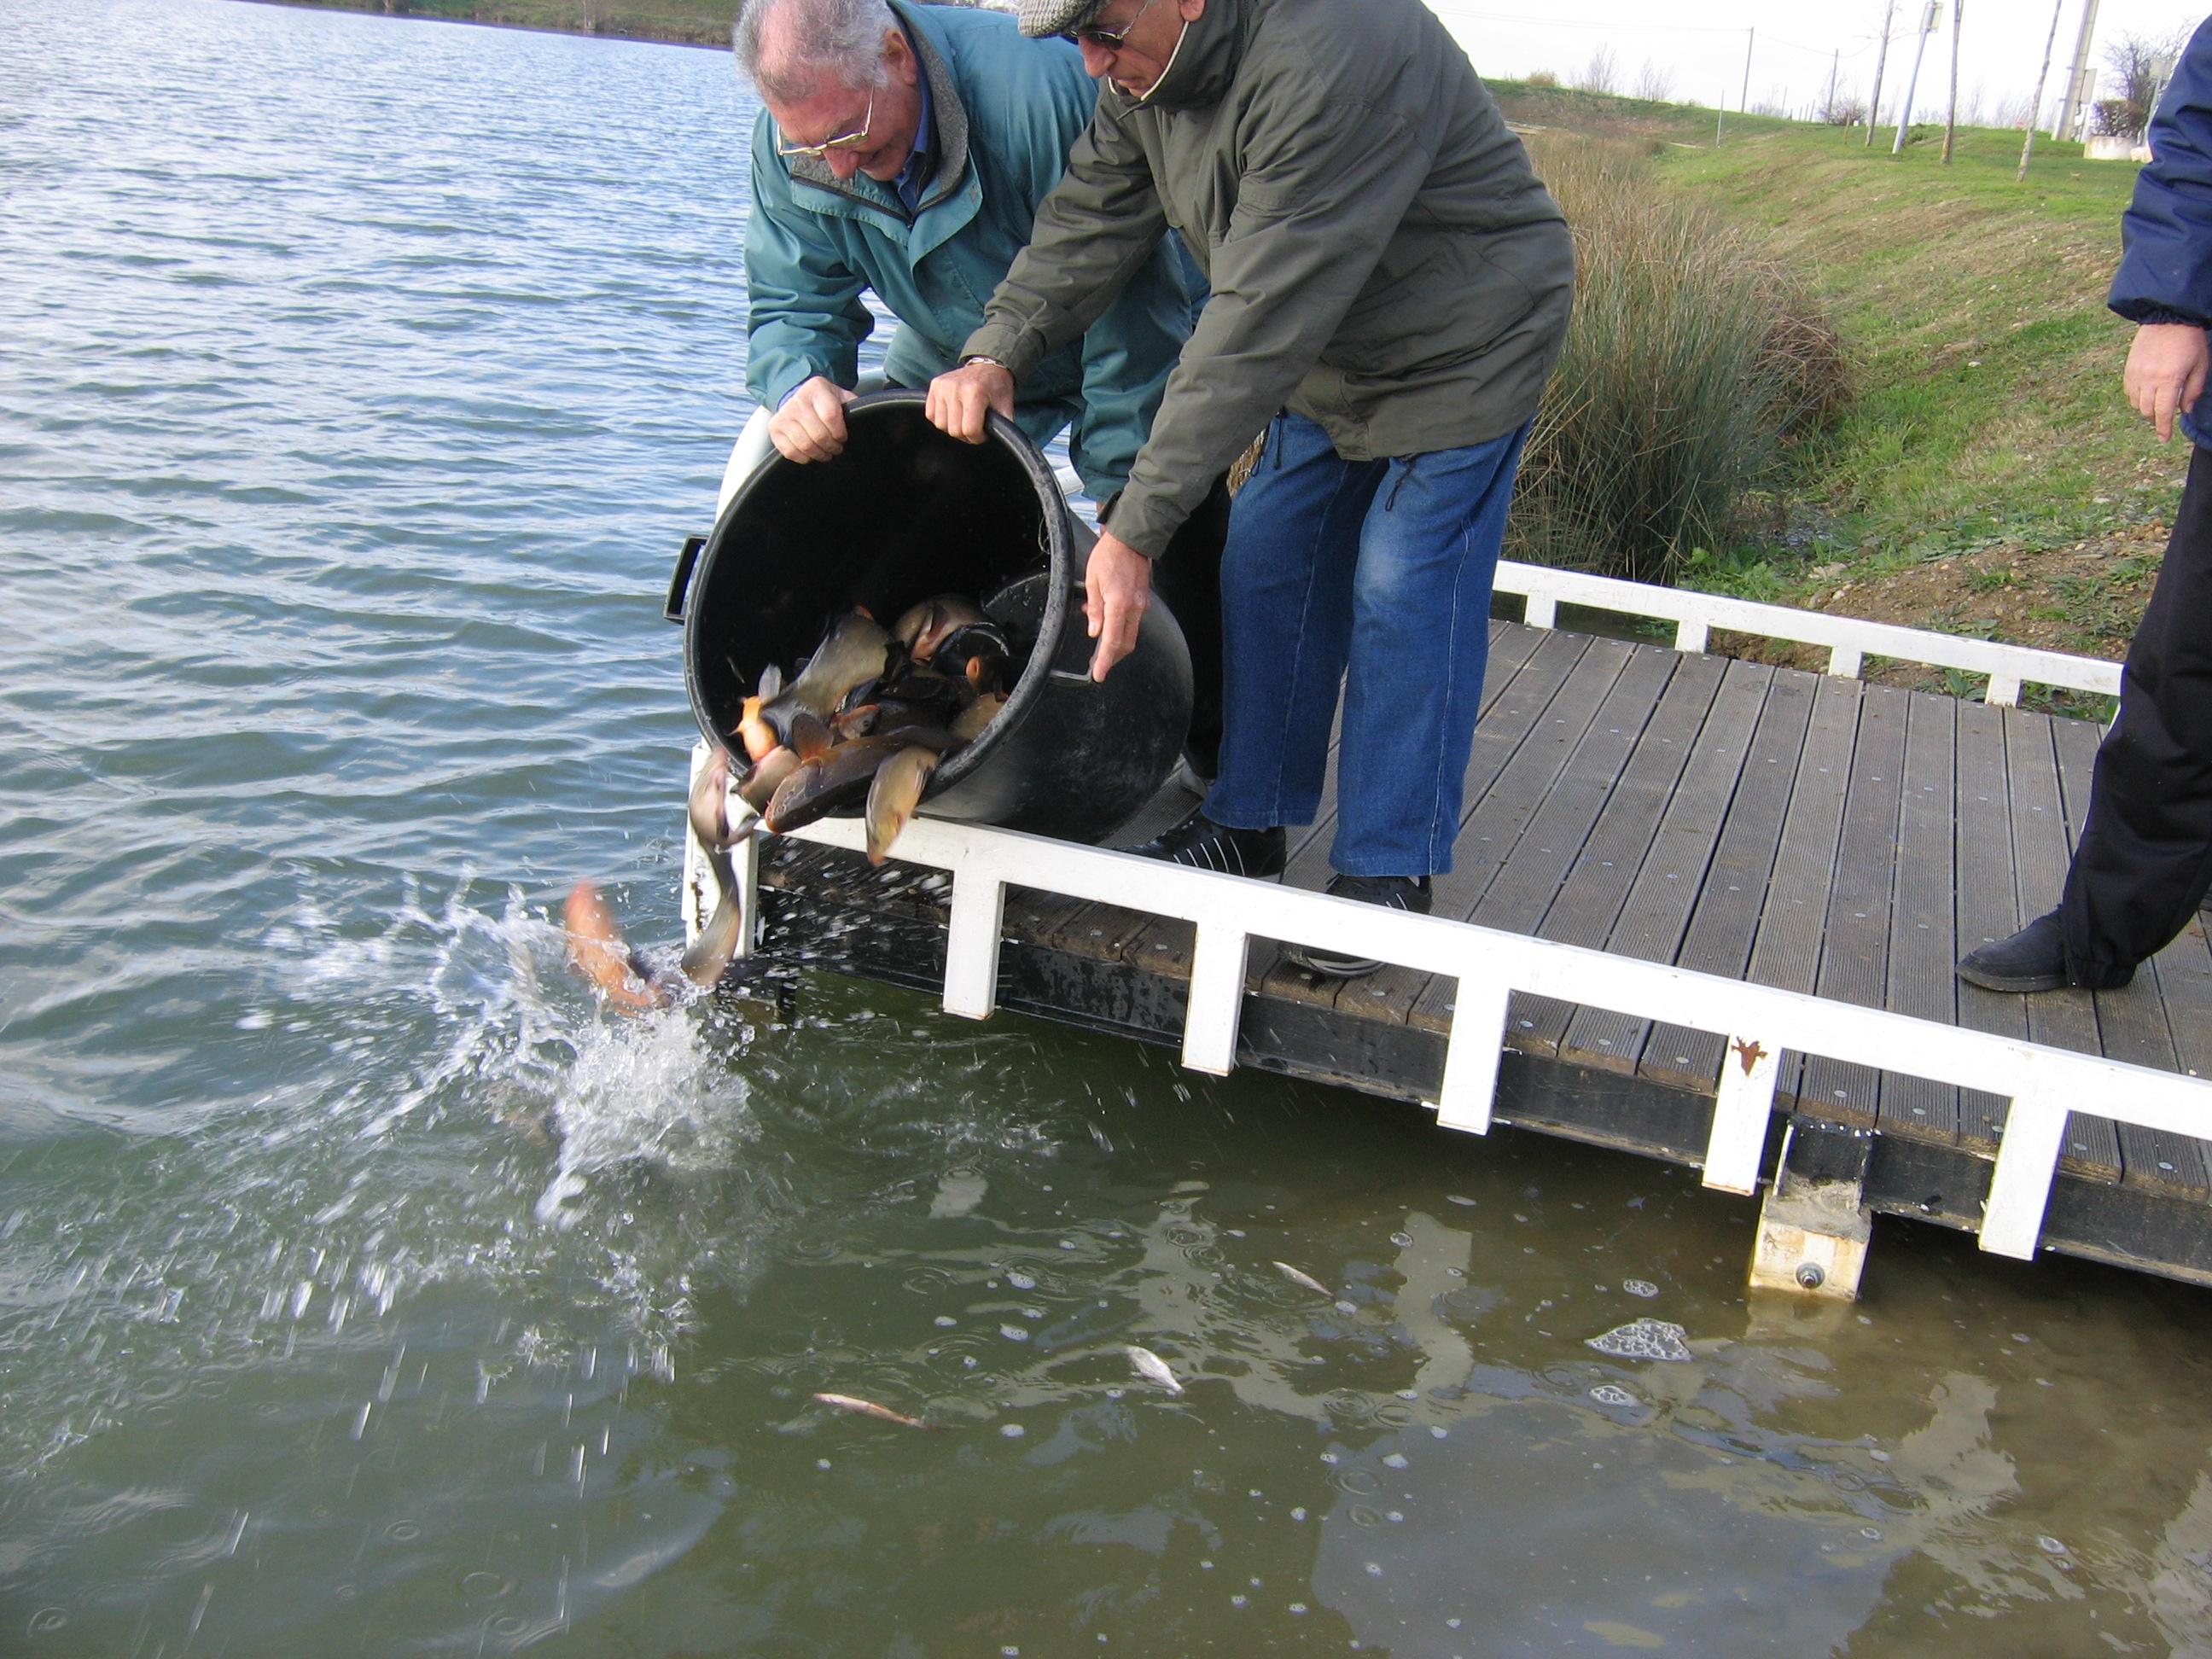 Alevinage en Poissons blancs - Association de Pêche 31